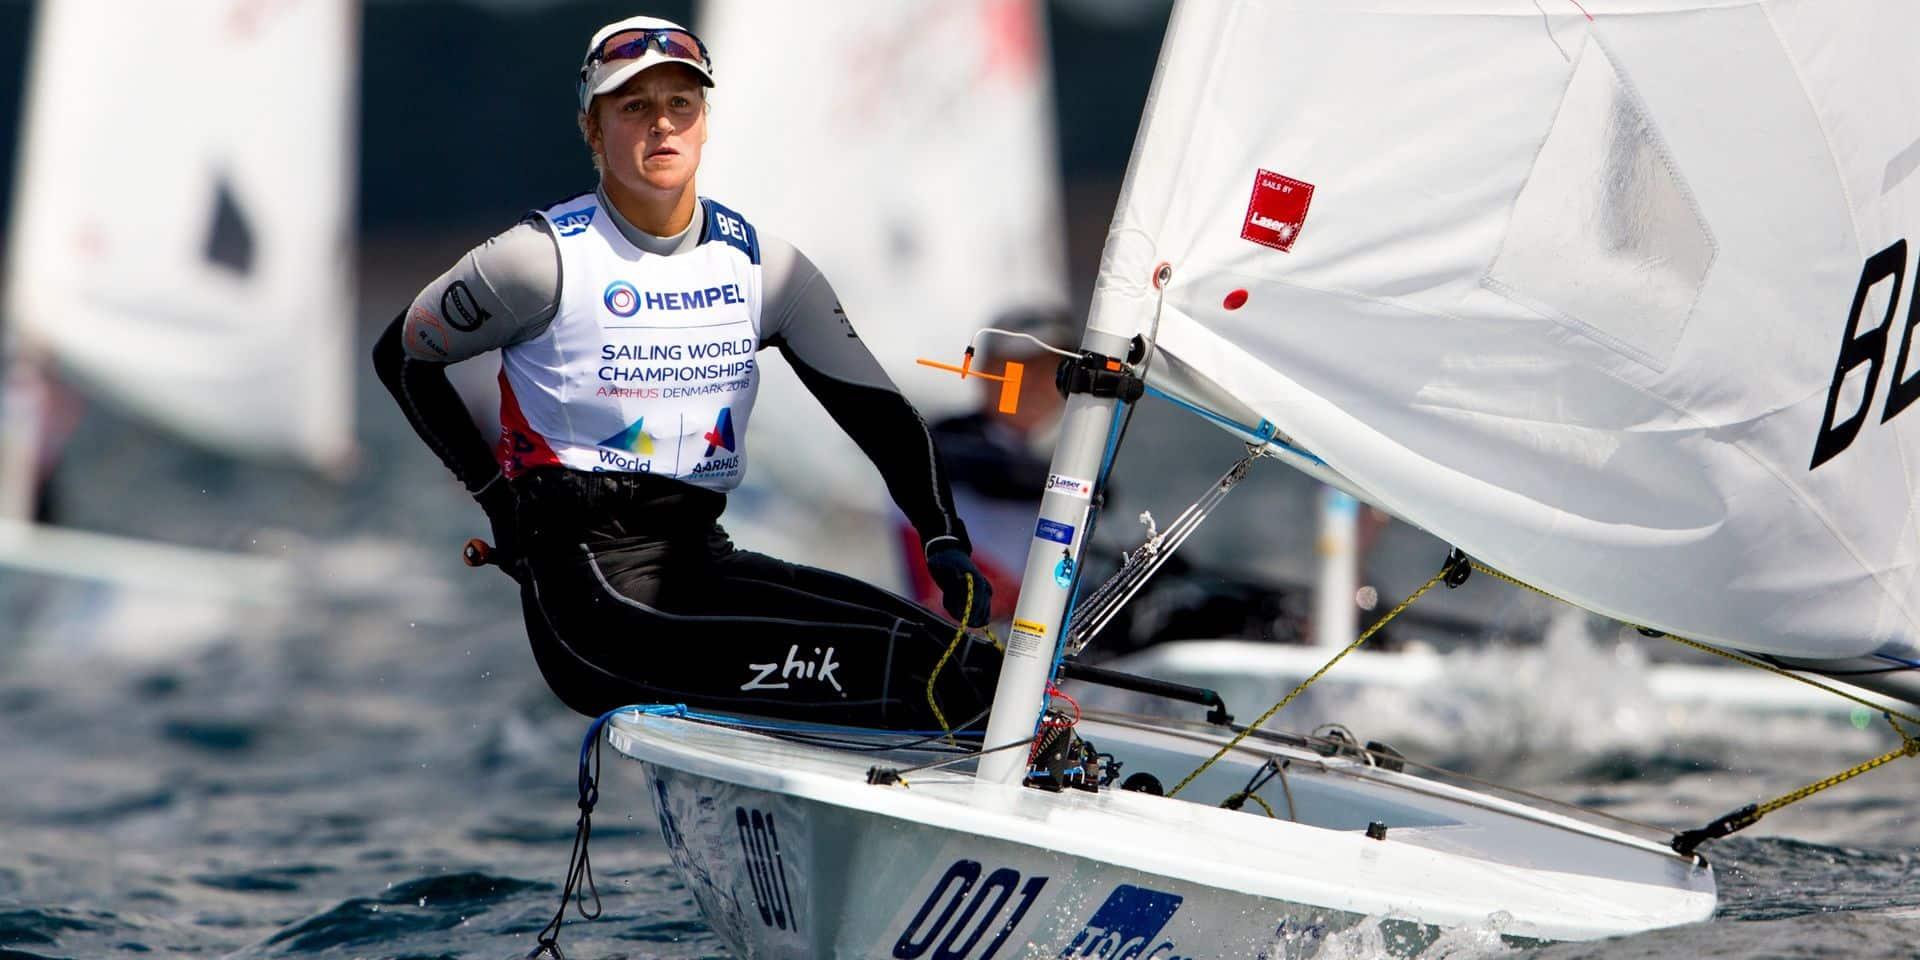 Voile : Emma Plasschaert dans le Top 3 à l'Euro !